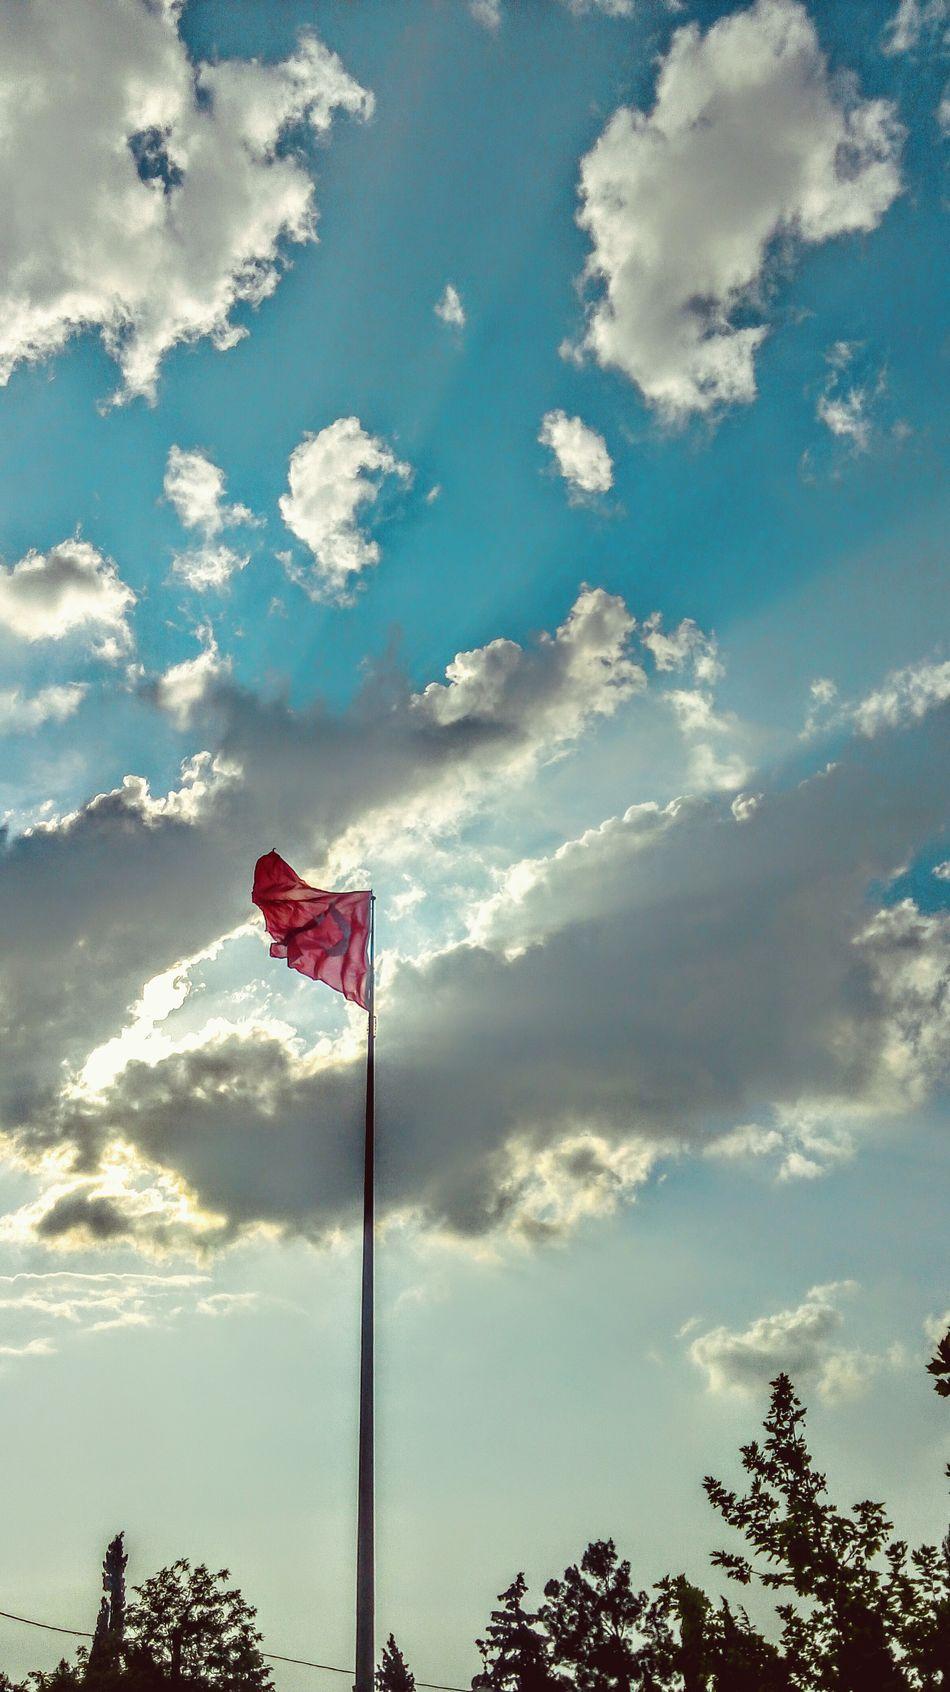 Relaxing Red Redflag Sky Blue Sky White